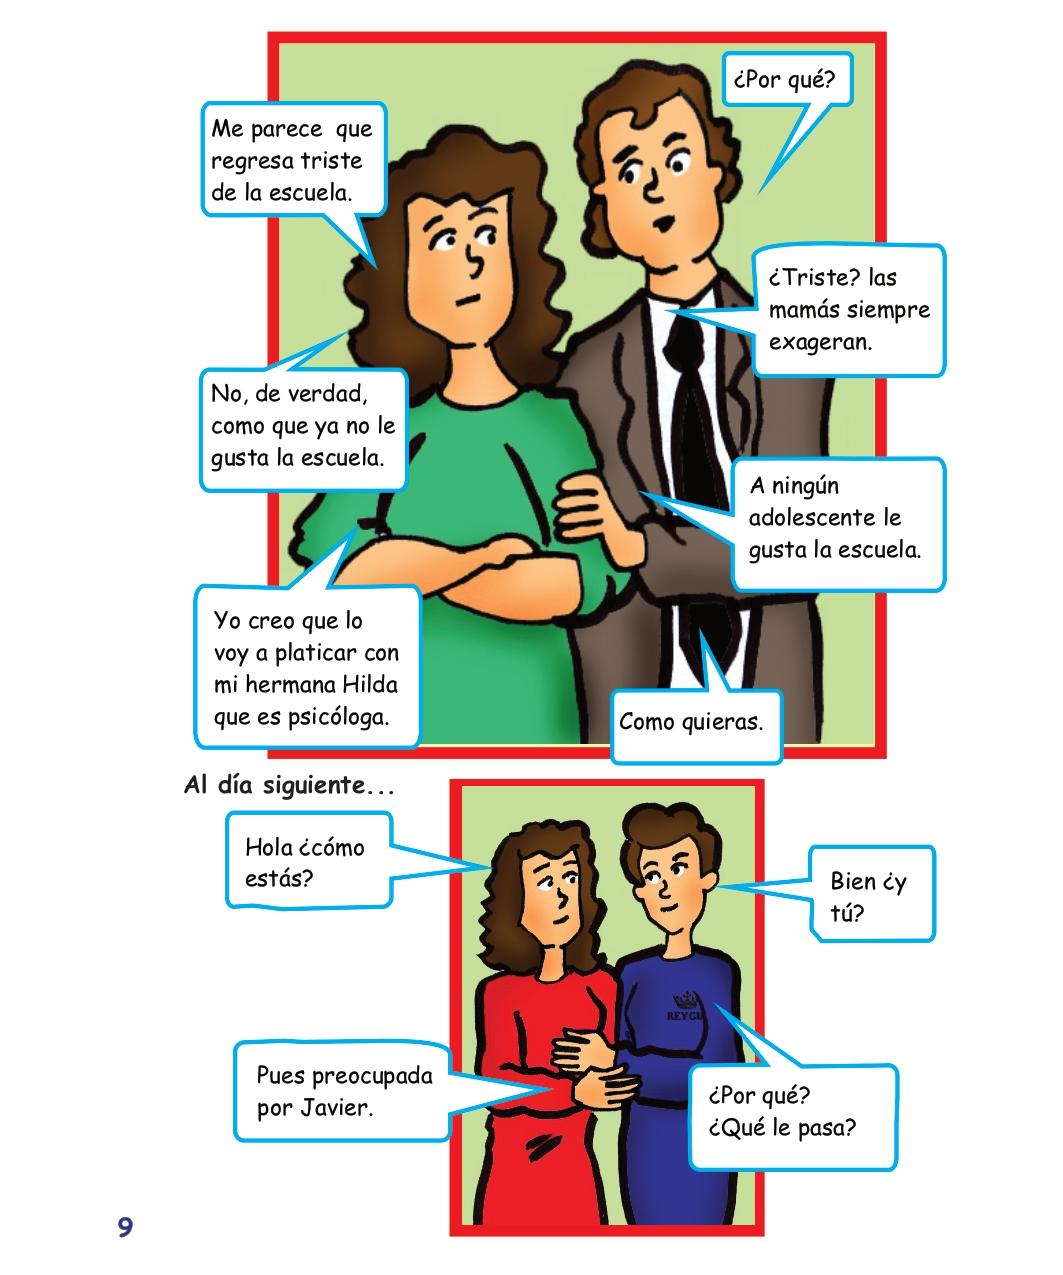 Psicología adolescentes Reyhan cap3 digital_page-0012